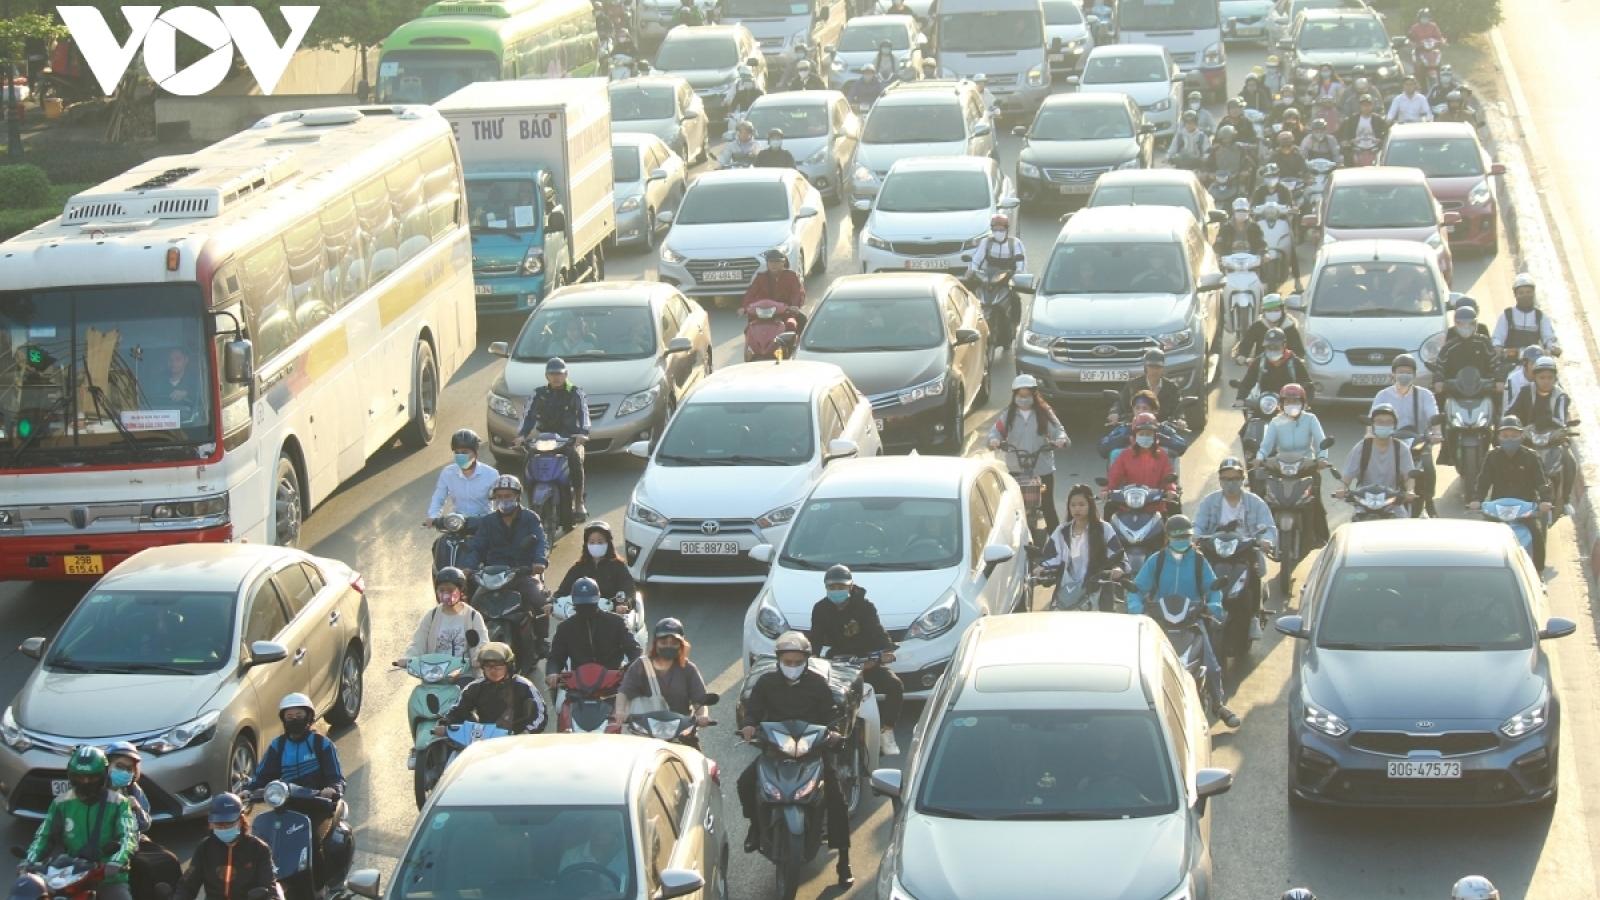 Đề án kiểm tra khí thải xe mô tô, xe gắn máy - Hiệu quả cần được làm rõ